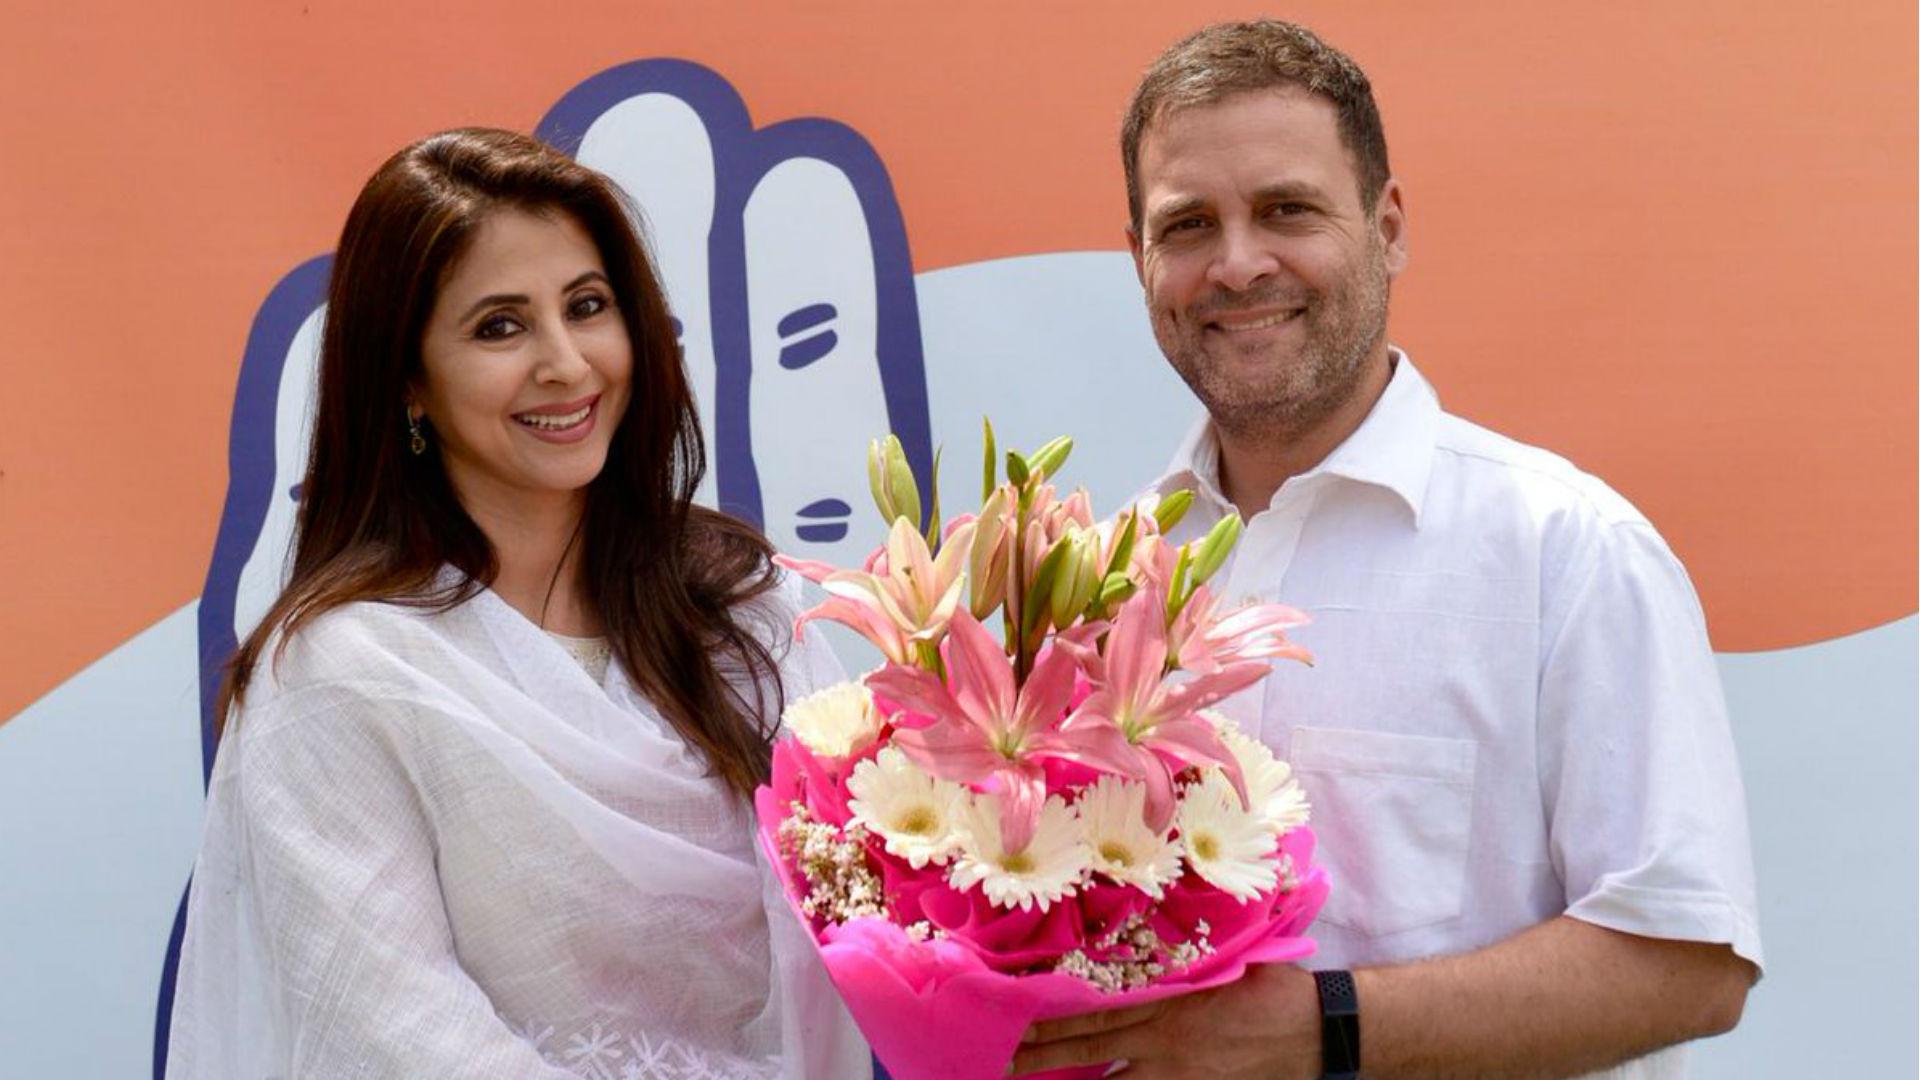 कांग्रेस में शामिल हुईं अभिनेत्री उर्मिला मातोंडकर, राहुल गांधी ने बुके देकर किया पार्टी में स्वागत